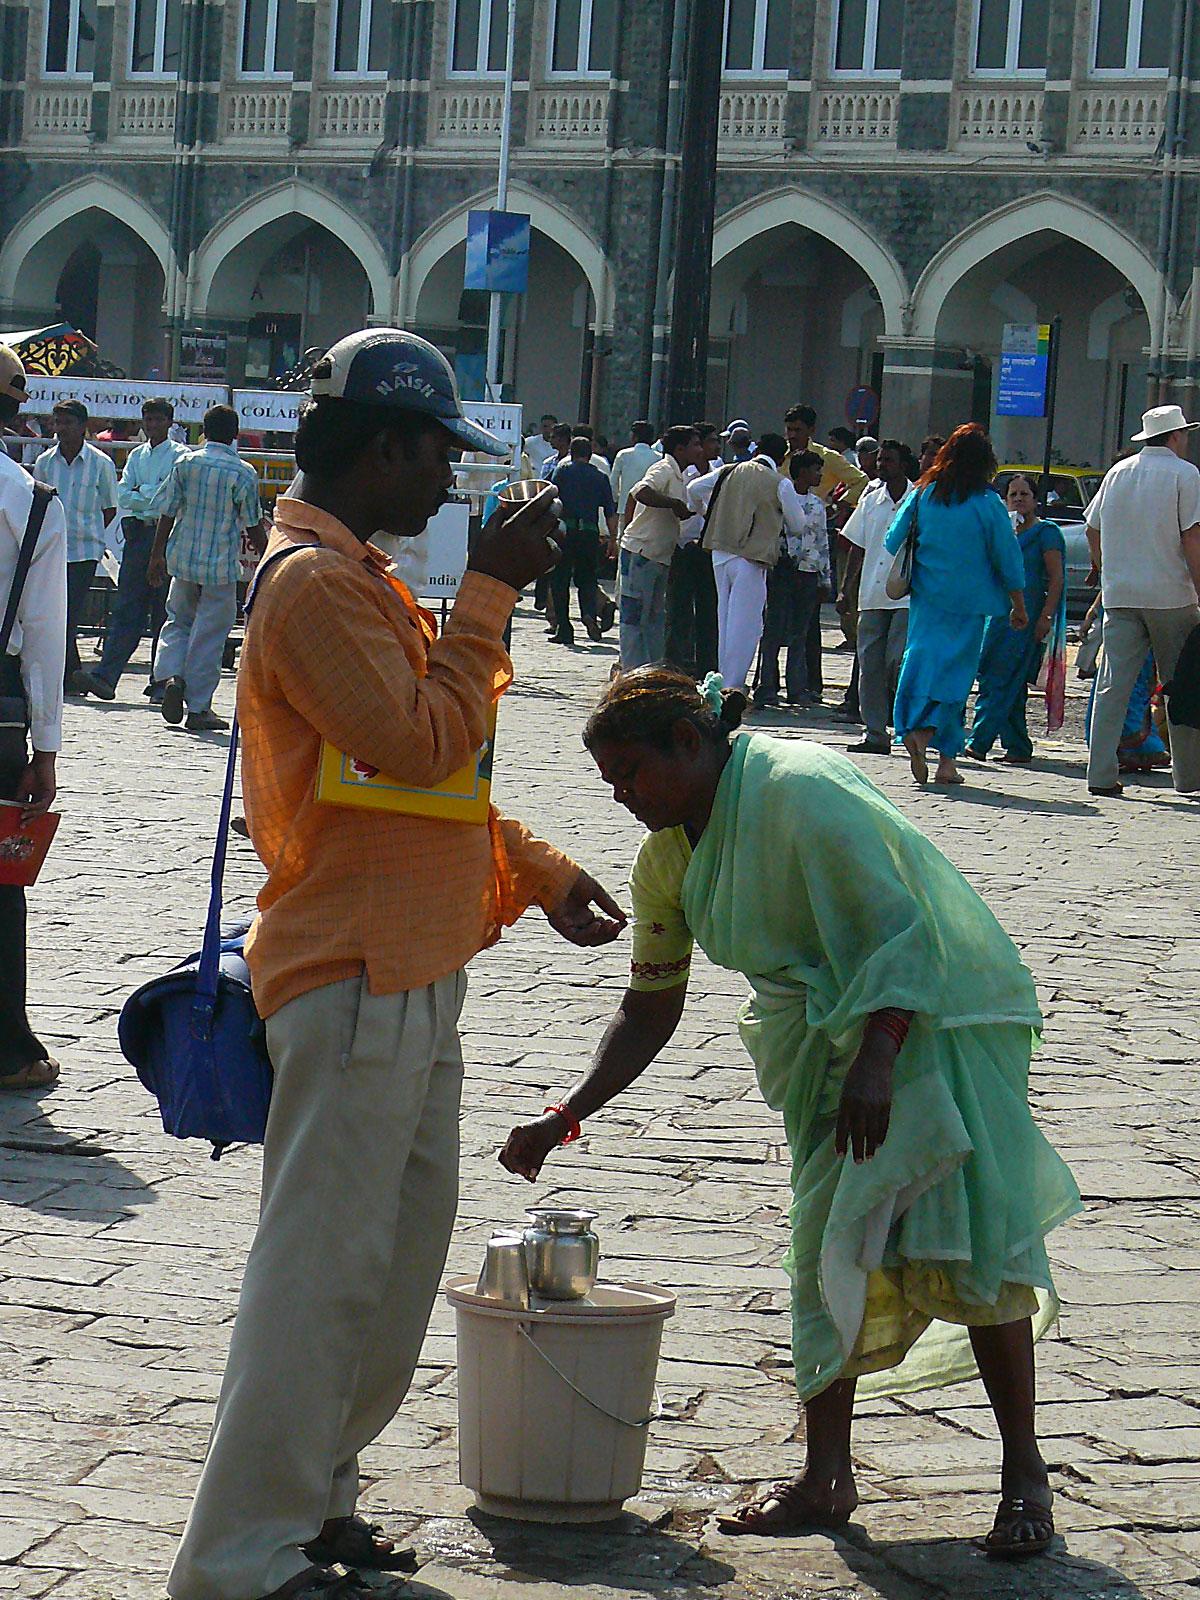 INDIEN MUMBAI Menschen Wohnen FINEST-onTour P1030519.jpg